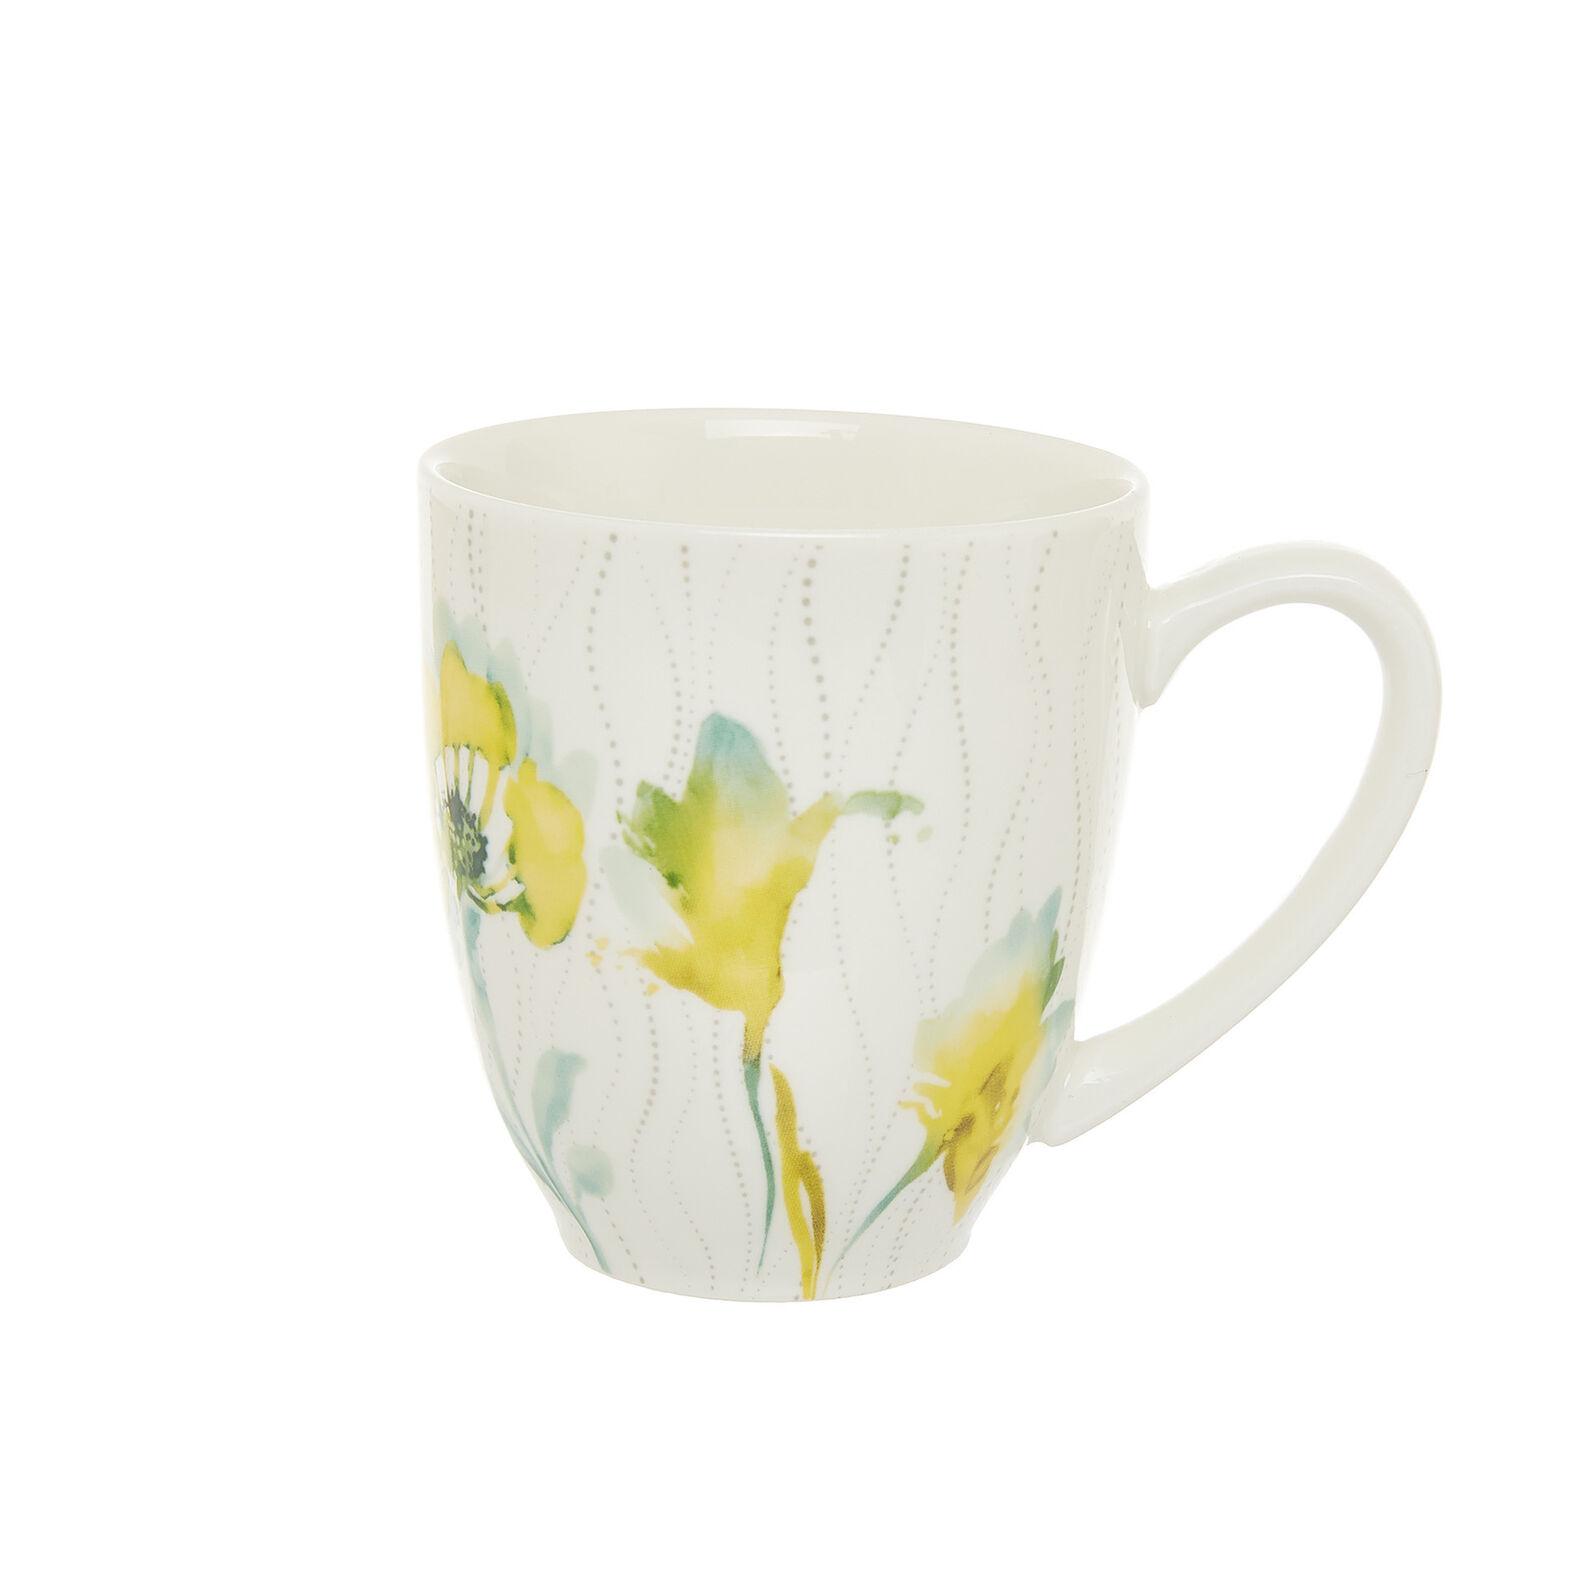 New bone China mug with yellow flowers